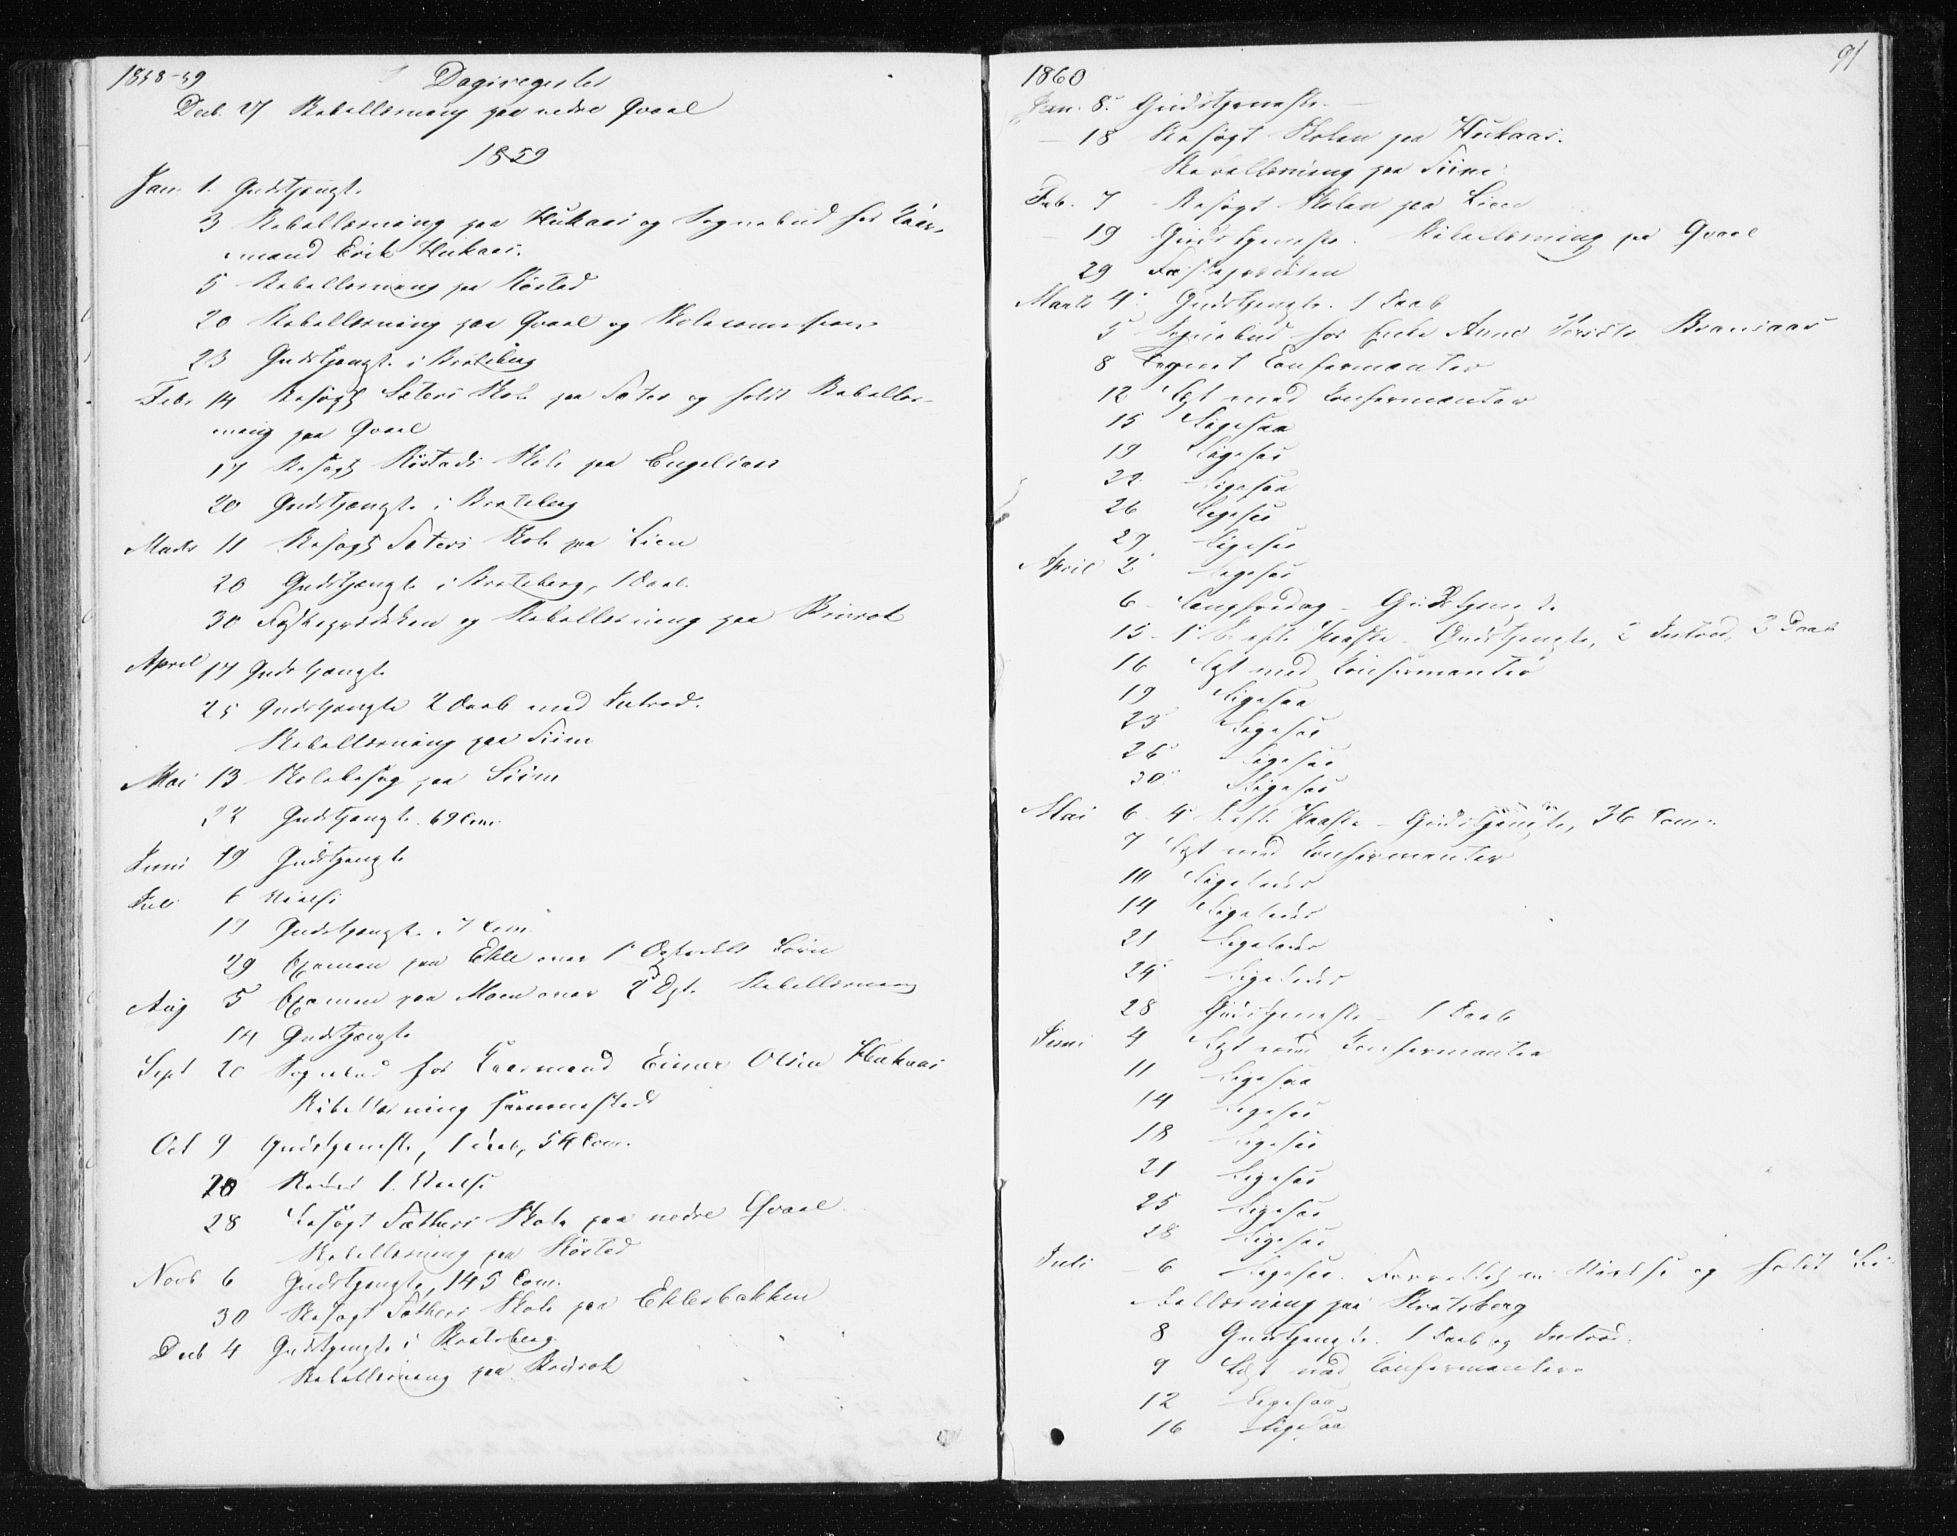 SAT, Ministerialprotokoller, klokkerbøker og fødselsregistre - Sør-Trøndelag, 608/L0332: Ministerialbok nr. 608A01, 1848-1861, s. 91